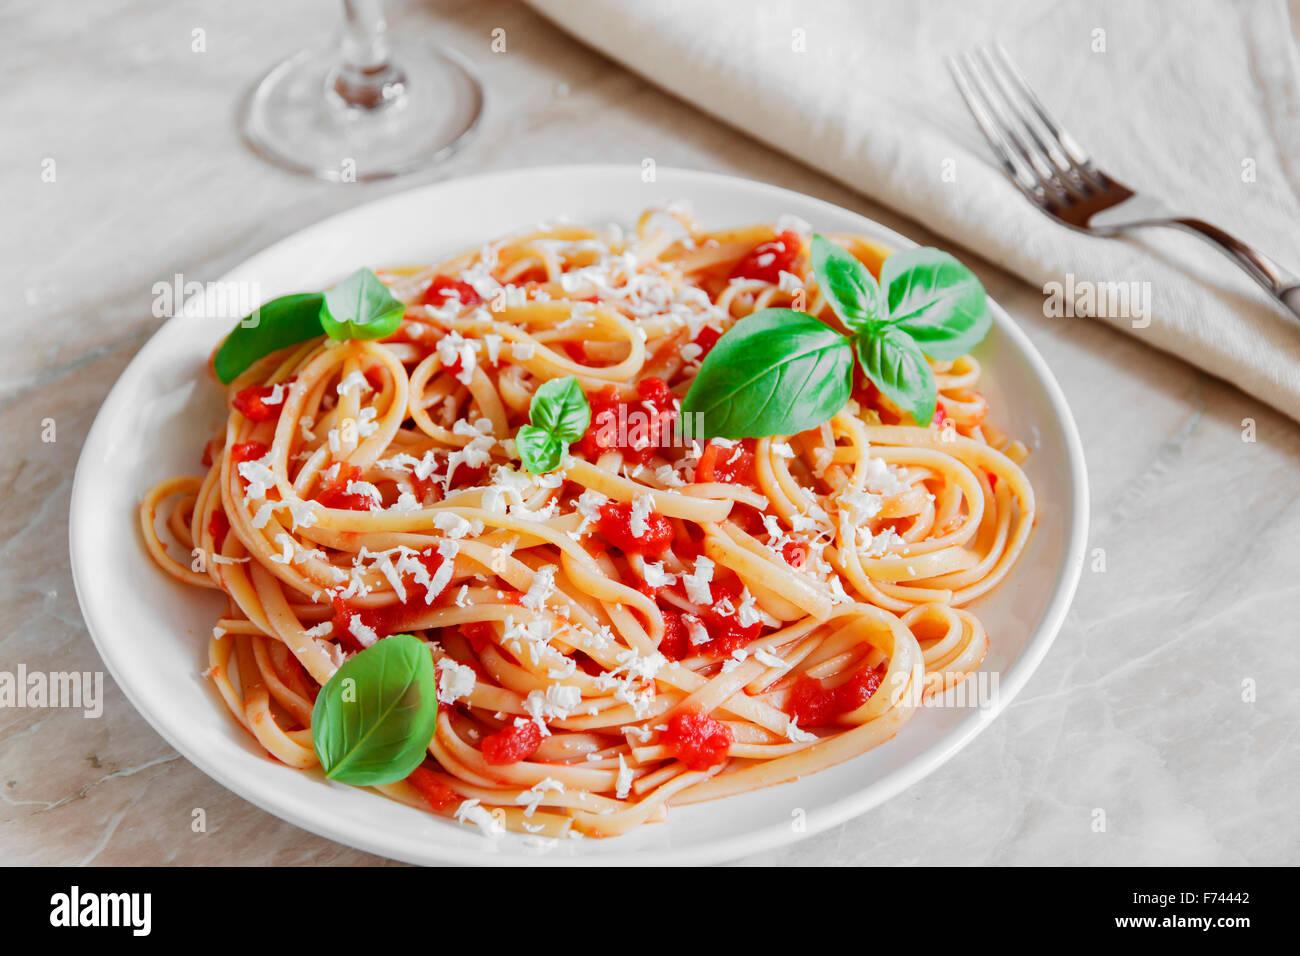 Le Linguine in salsa di pomodoro e formaggio su una piastra Immagini Stock